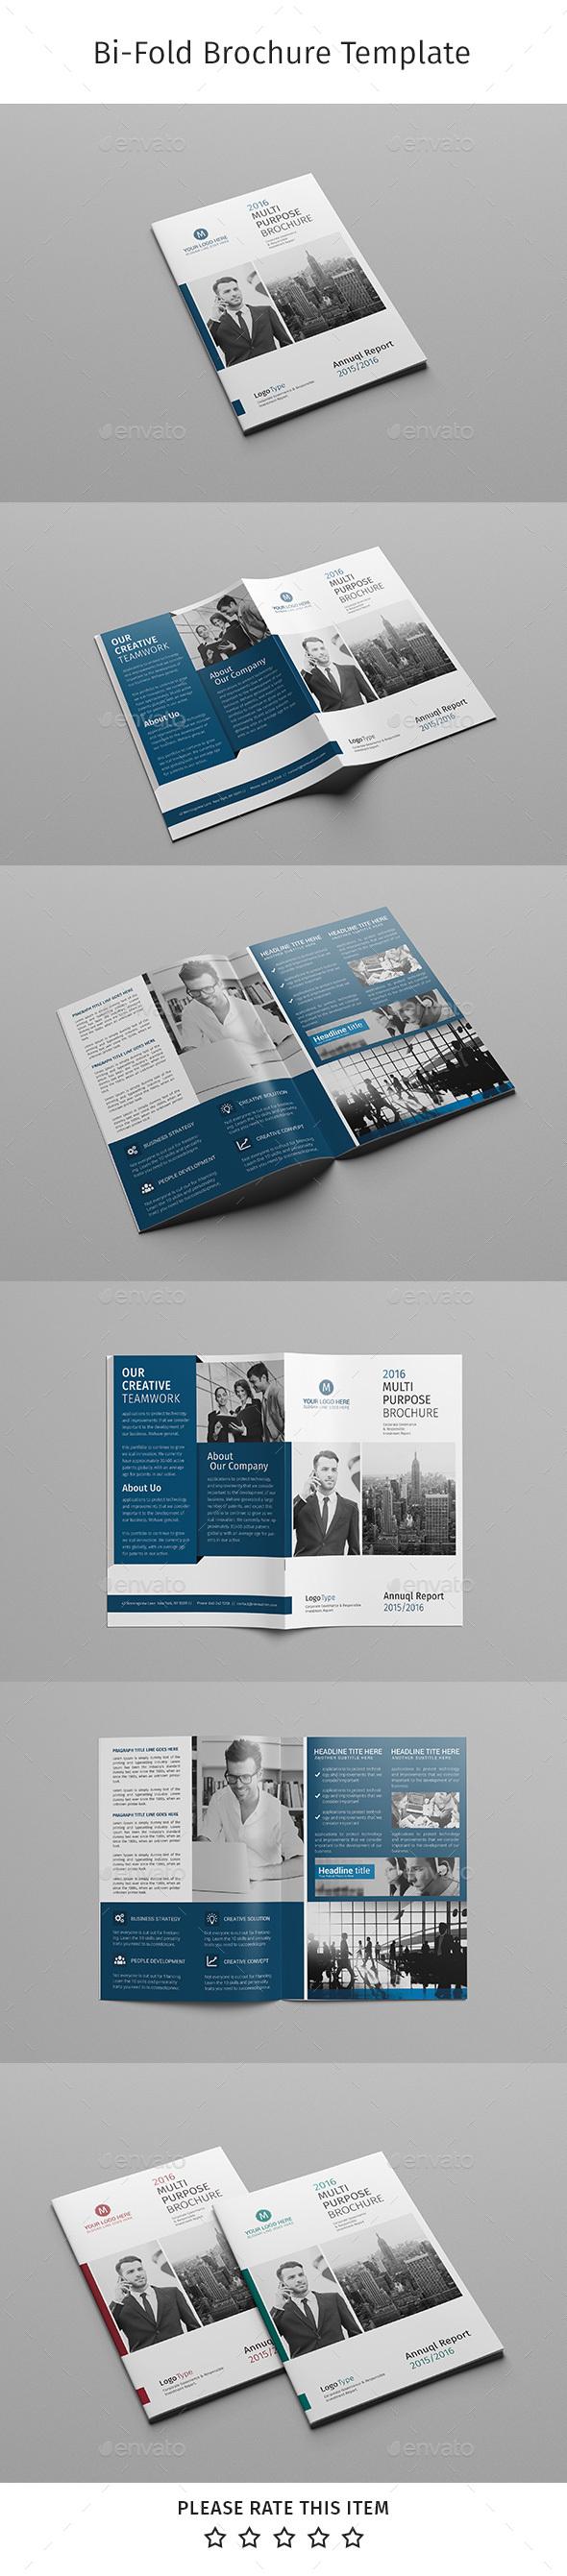 Corporate Bi-fold Brochure-Multipurpose 06 - Corporate Brochures